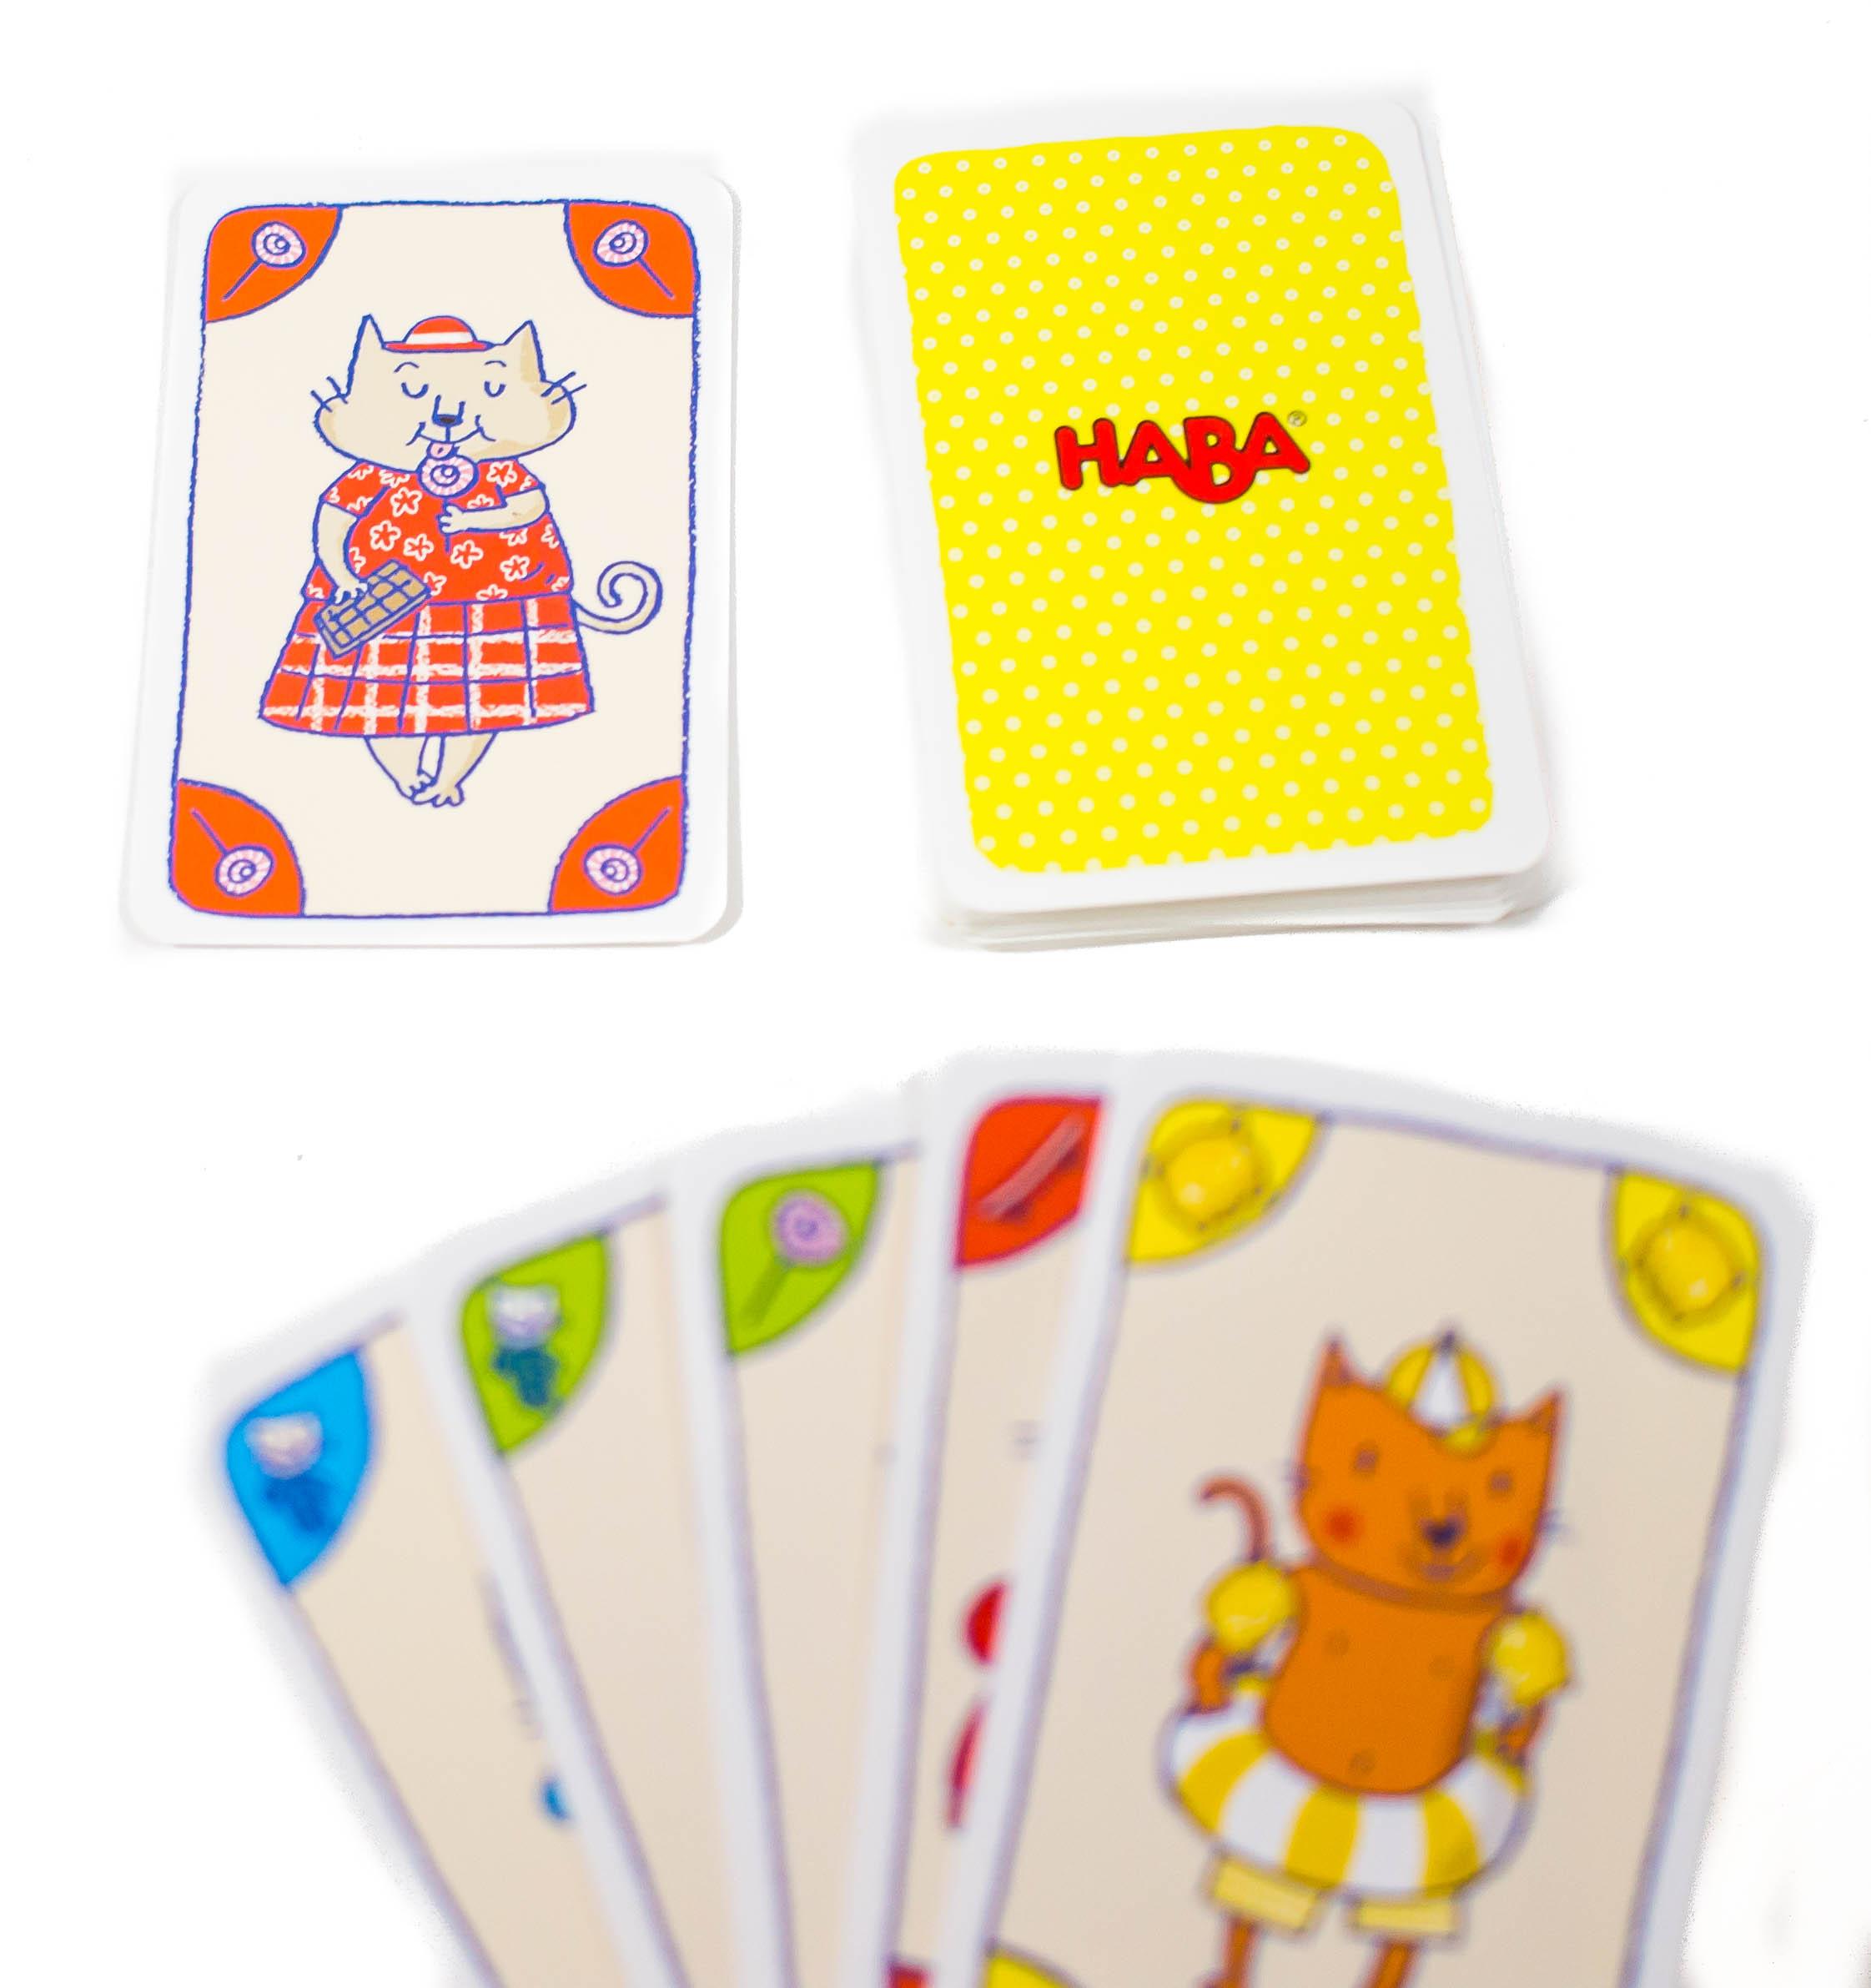 Kártyák a kézben, indulhat a játék